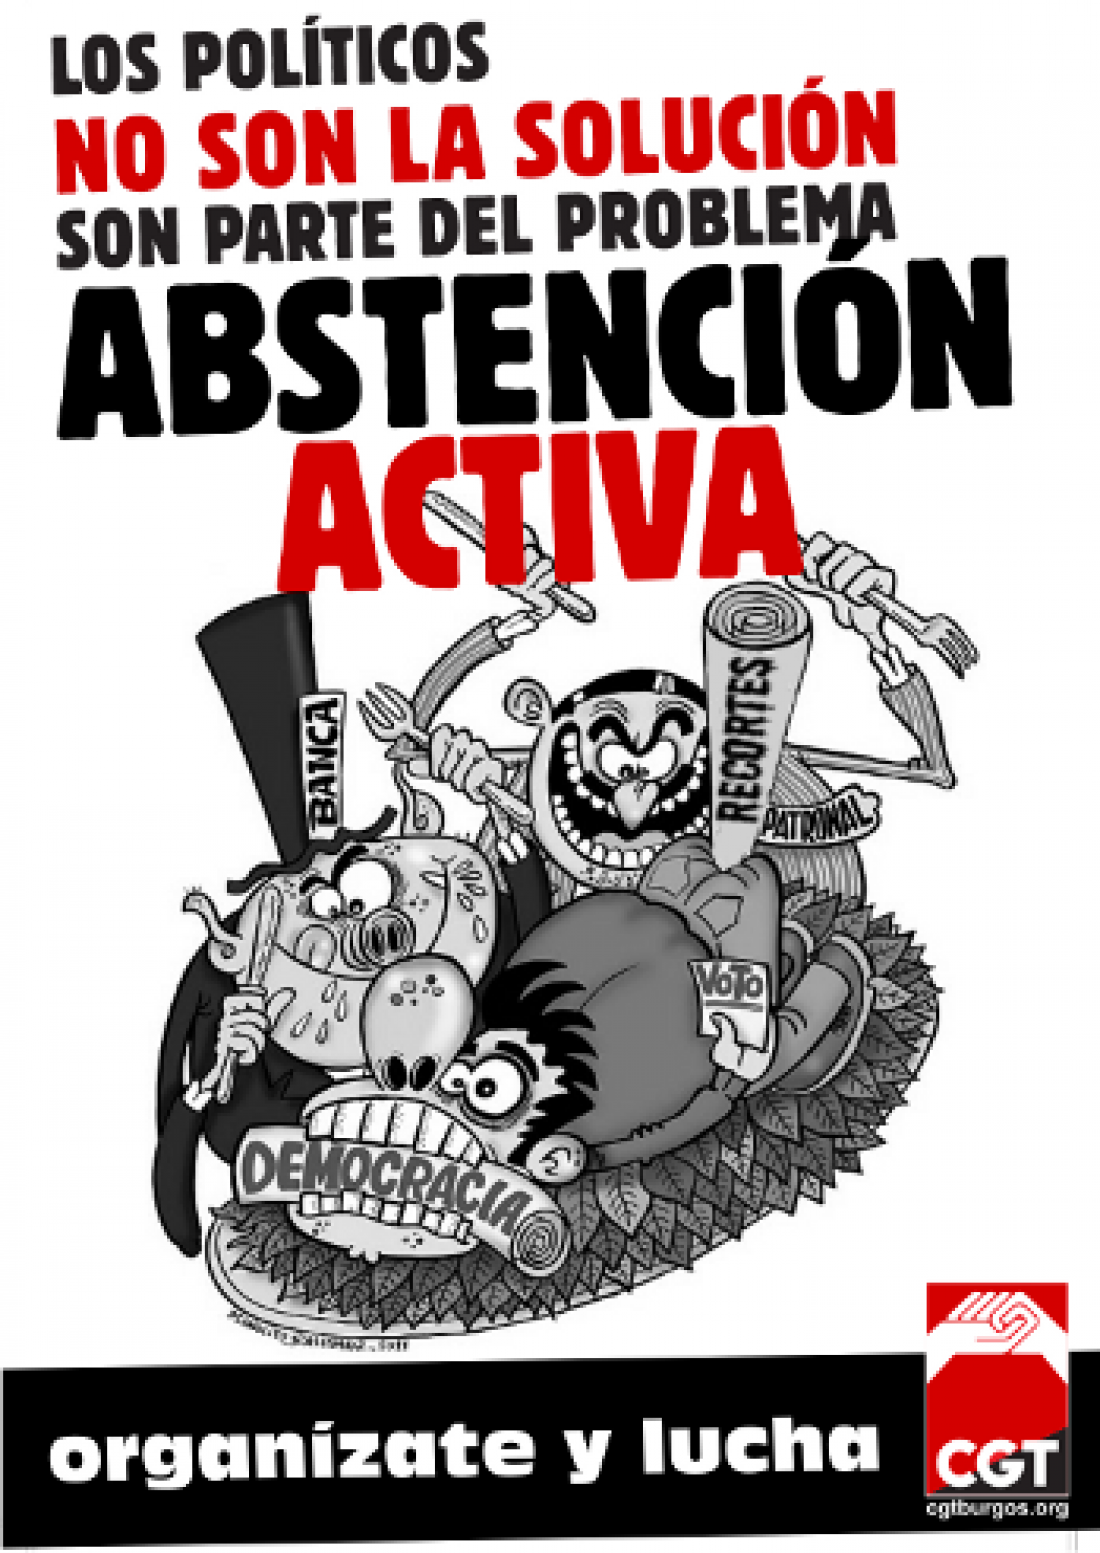 Elecciones 22 de Mayo: Diversas Confederaciones Territoriales y Federaciones Locales de CGT promueven la abstención activa